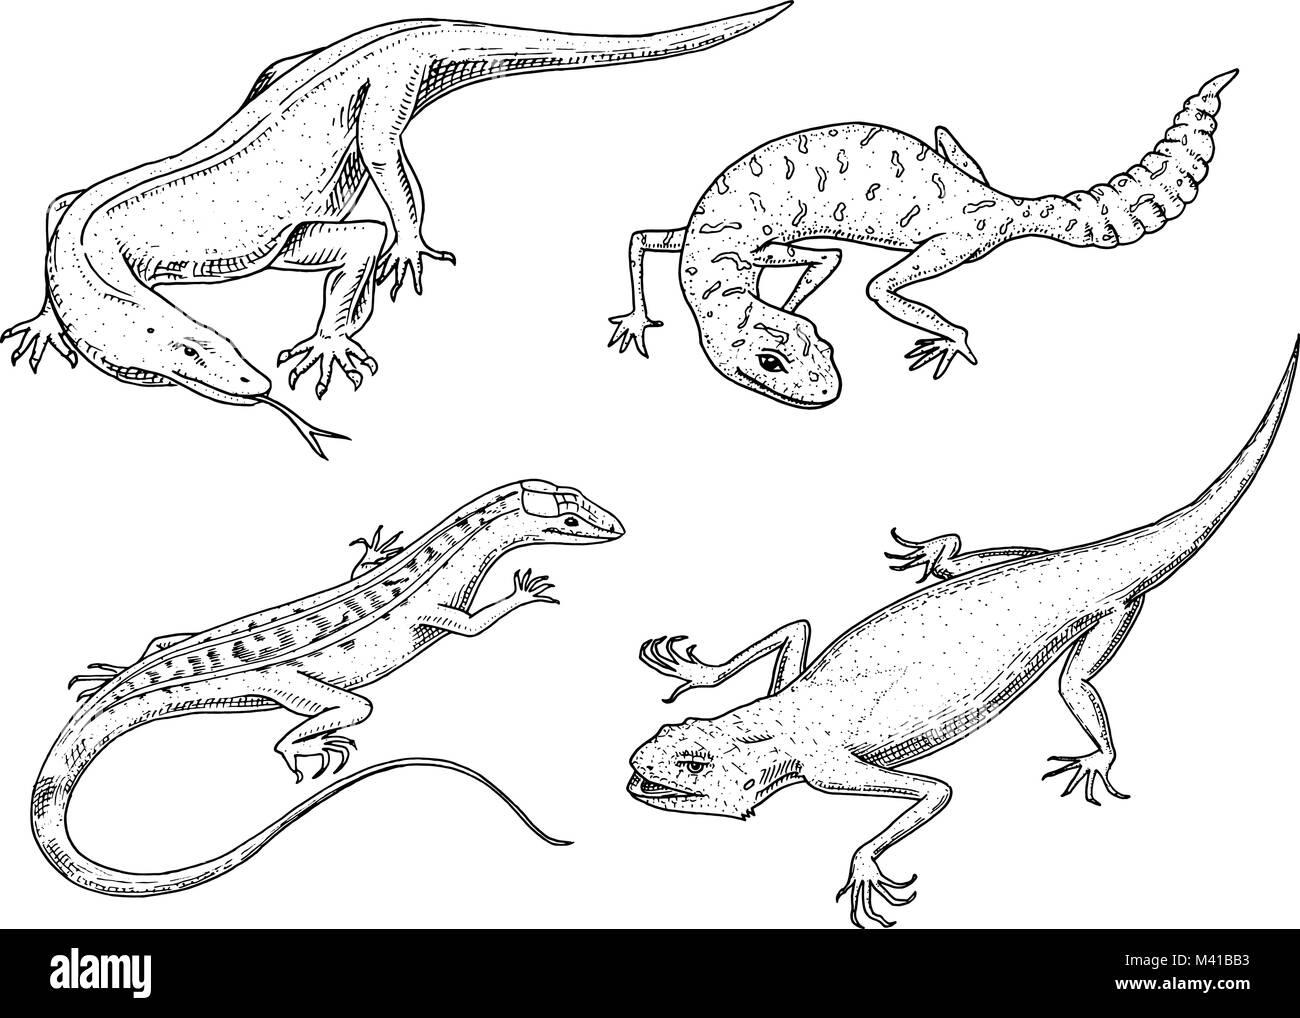 Fantástico Dragón De Komodo Para Colorear Ilustración - Enmarcado ...